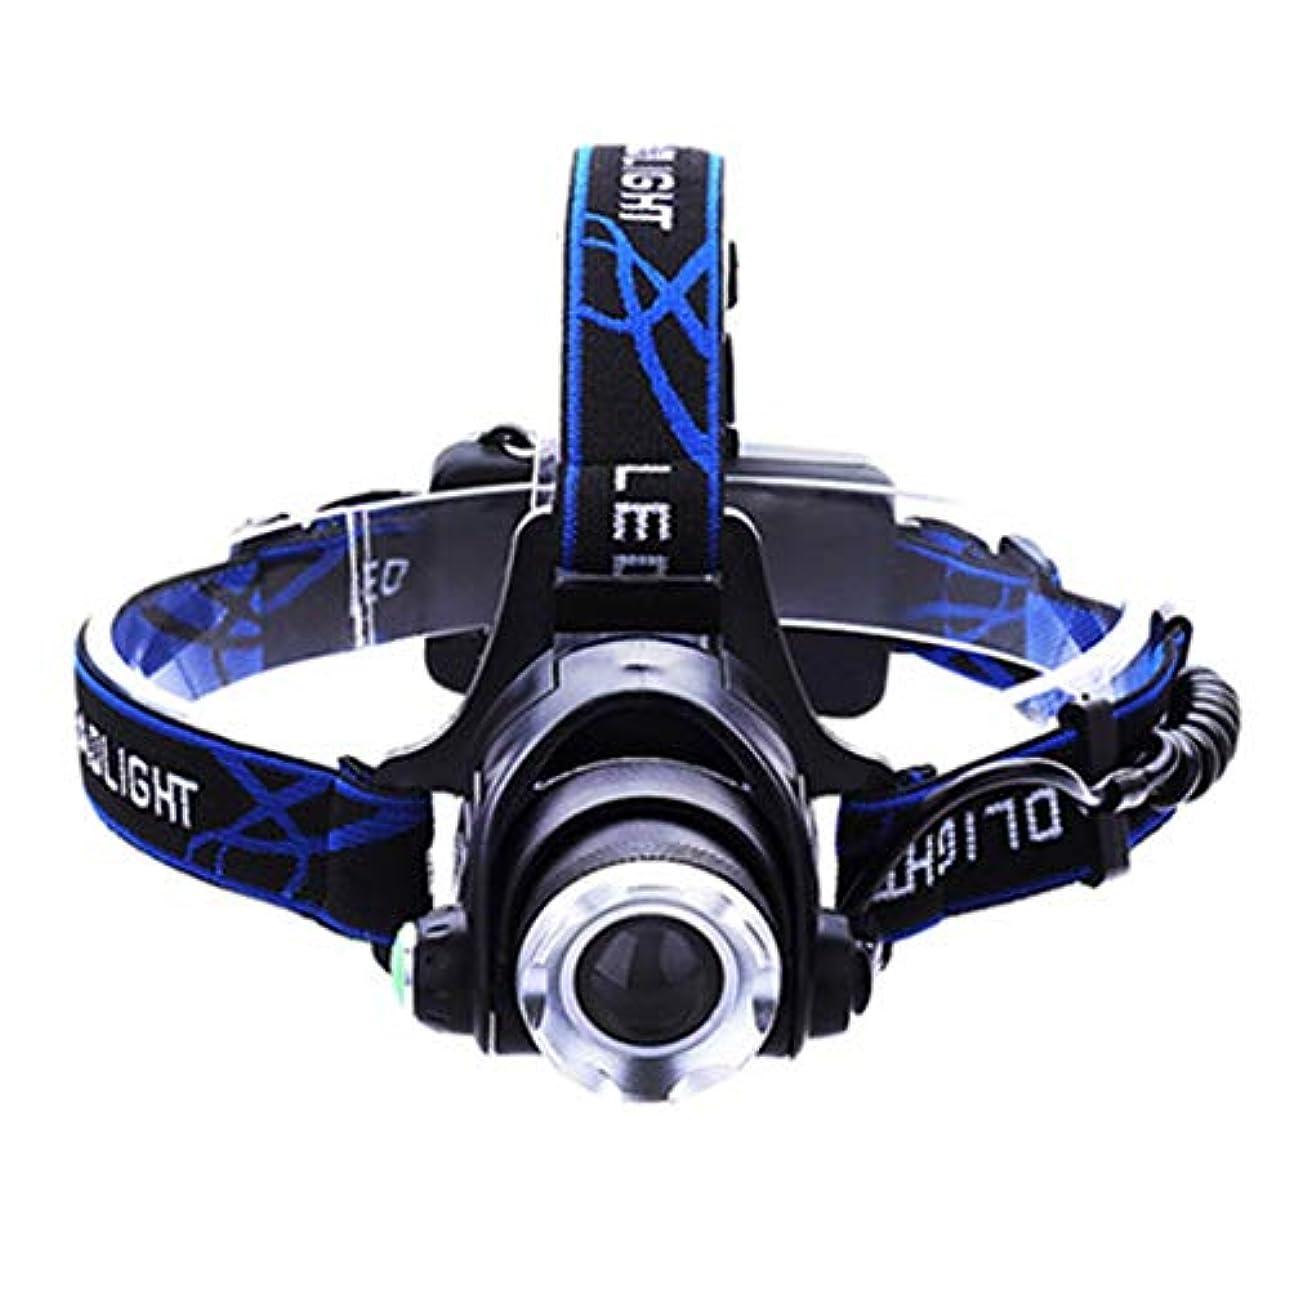 永続雄弁なブレンドヘッドライト LEDヘッドライトグレア充電誘導ズームヘッドライト懐中電灯明るい防水ライトと快適な LEDヘッドライト